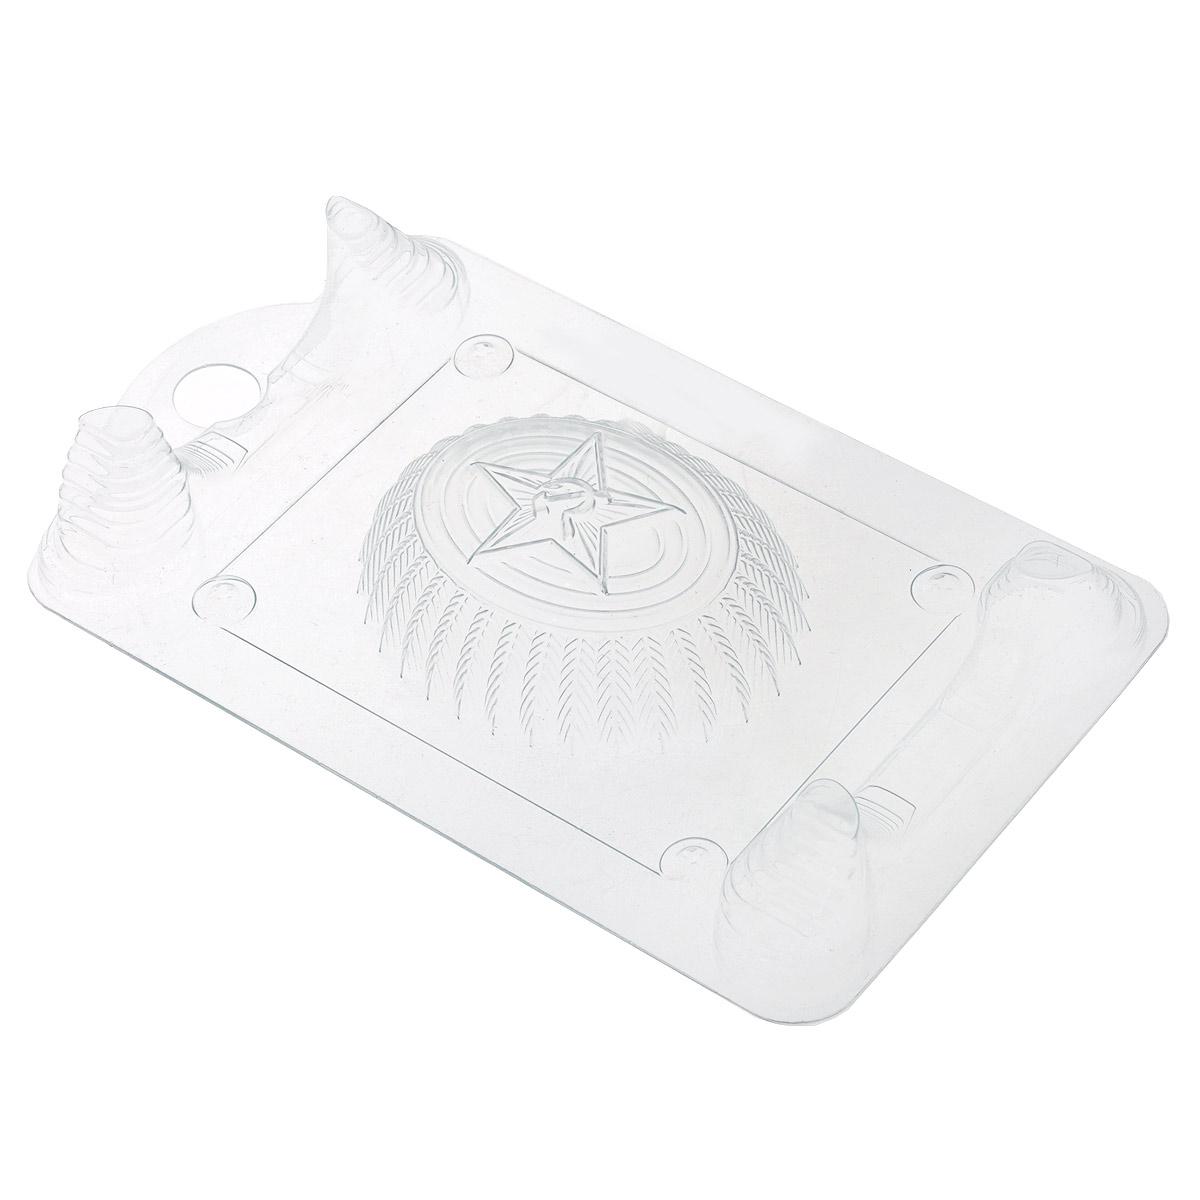 Форма для литья Выдумщики Кокарда, 19 см х 11,5 см х 3 см2700770025156Форма для литья Выдумщики Кокарда изготовлена из прозрачного пластика в виде кокарды с изображением серпа и молота. Изготовленное в такой форме мыло получит забавный, оригинальный дизайн. При помощи такой прозрачной формы для литья можно самостоятельно изготовить домашнее мыло, а так же оригинальную свечу для украшения праздничного стола и интерьера.